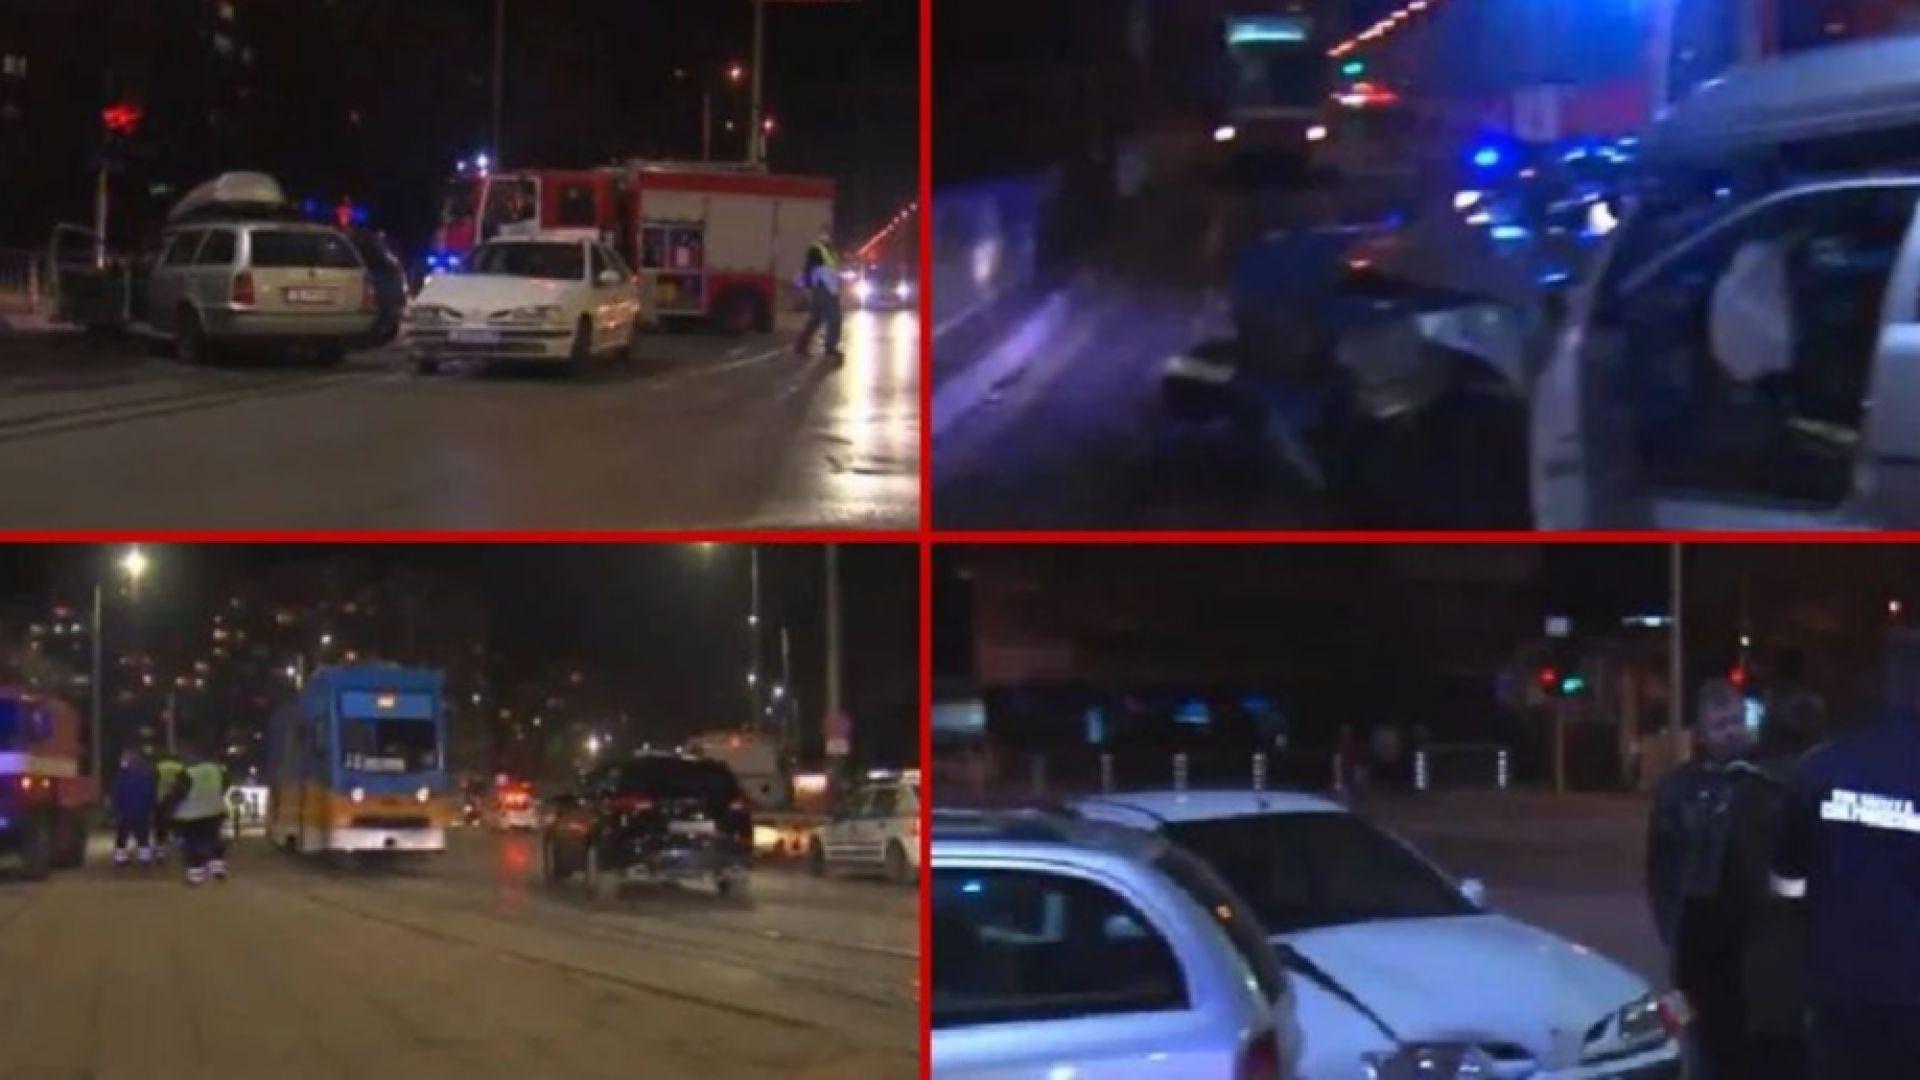 Tри автомобила се сблъскаха във верижна катастрофа в столичния квартал